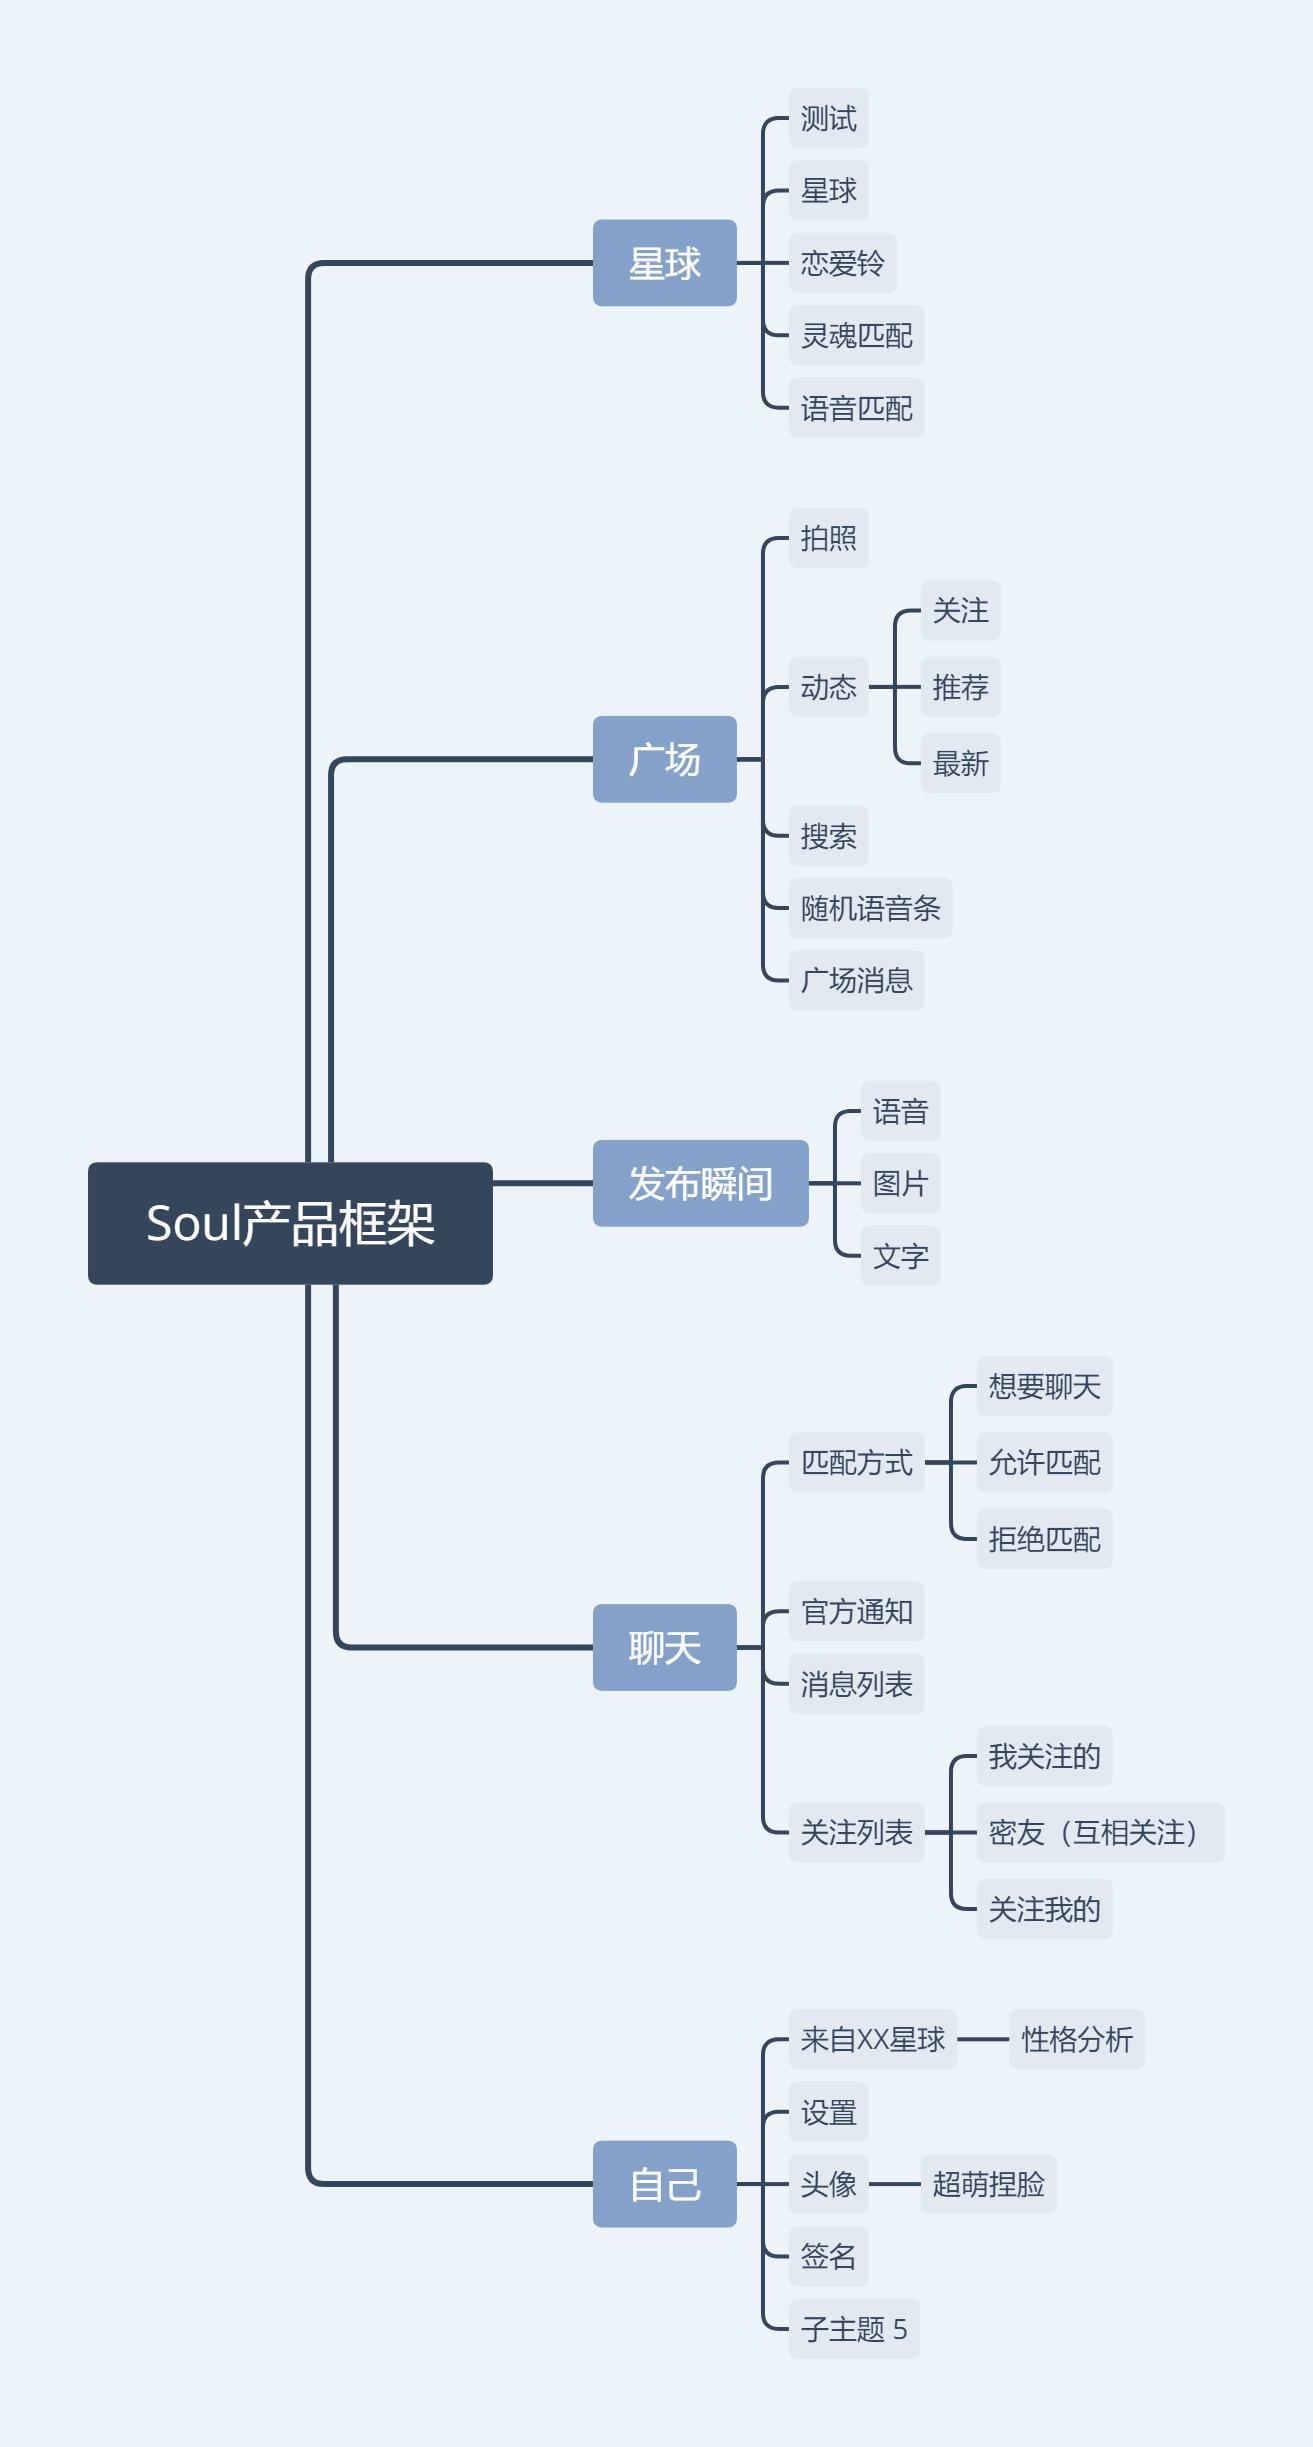 Soul产品框架.png